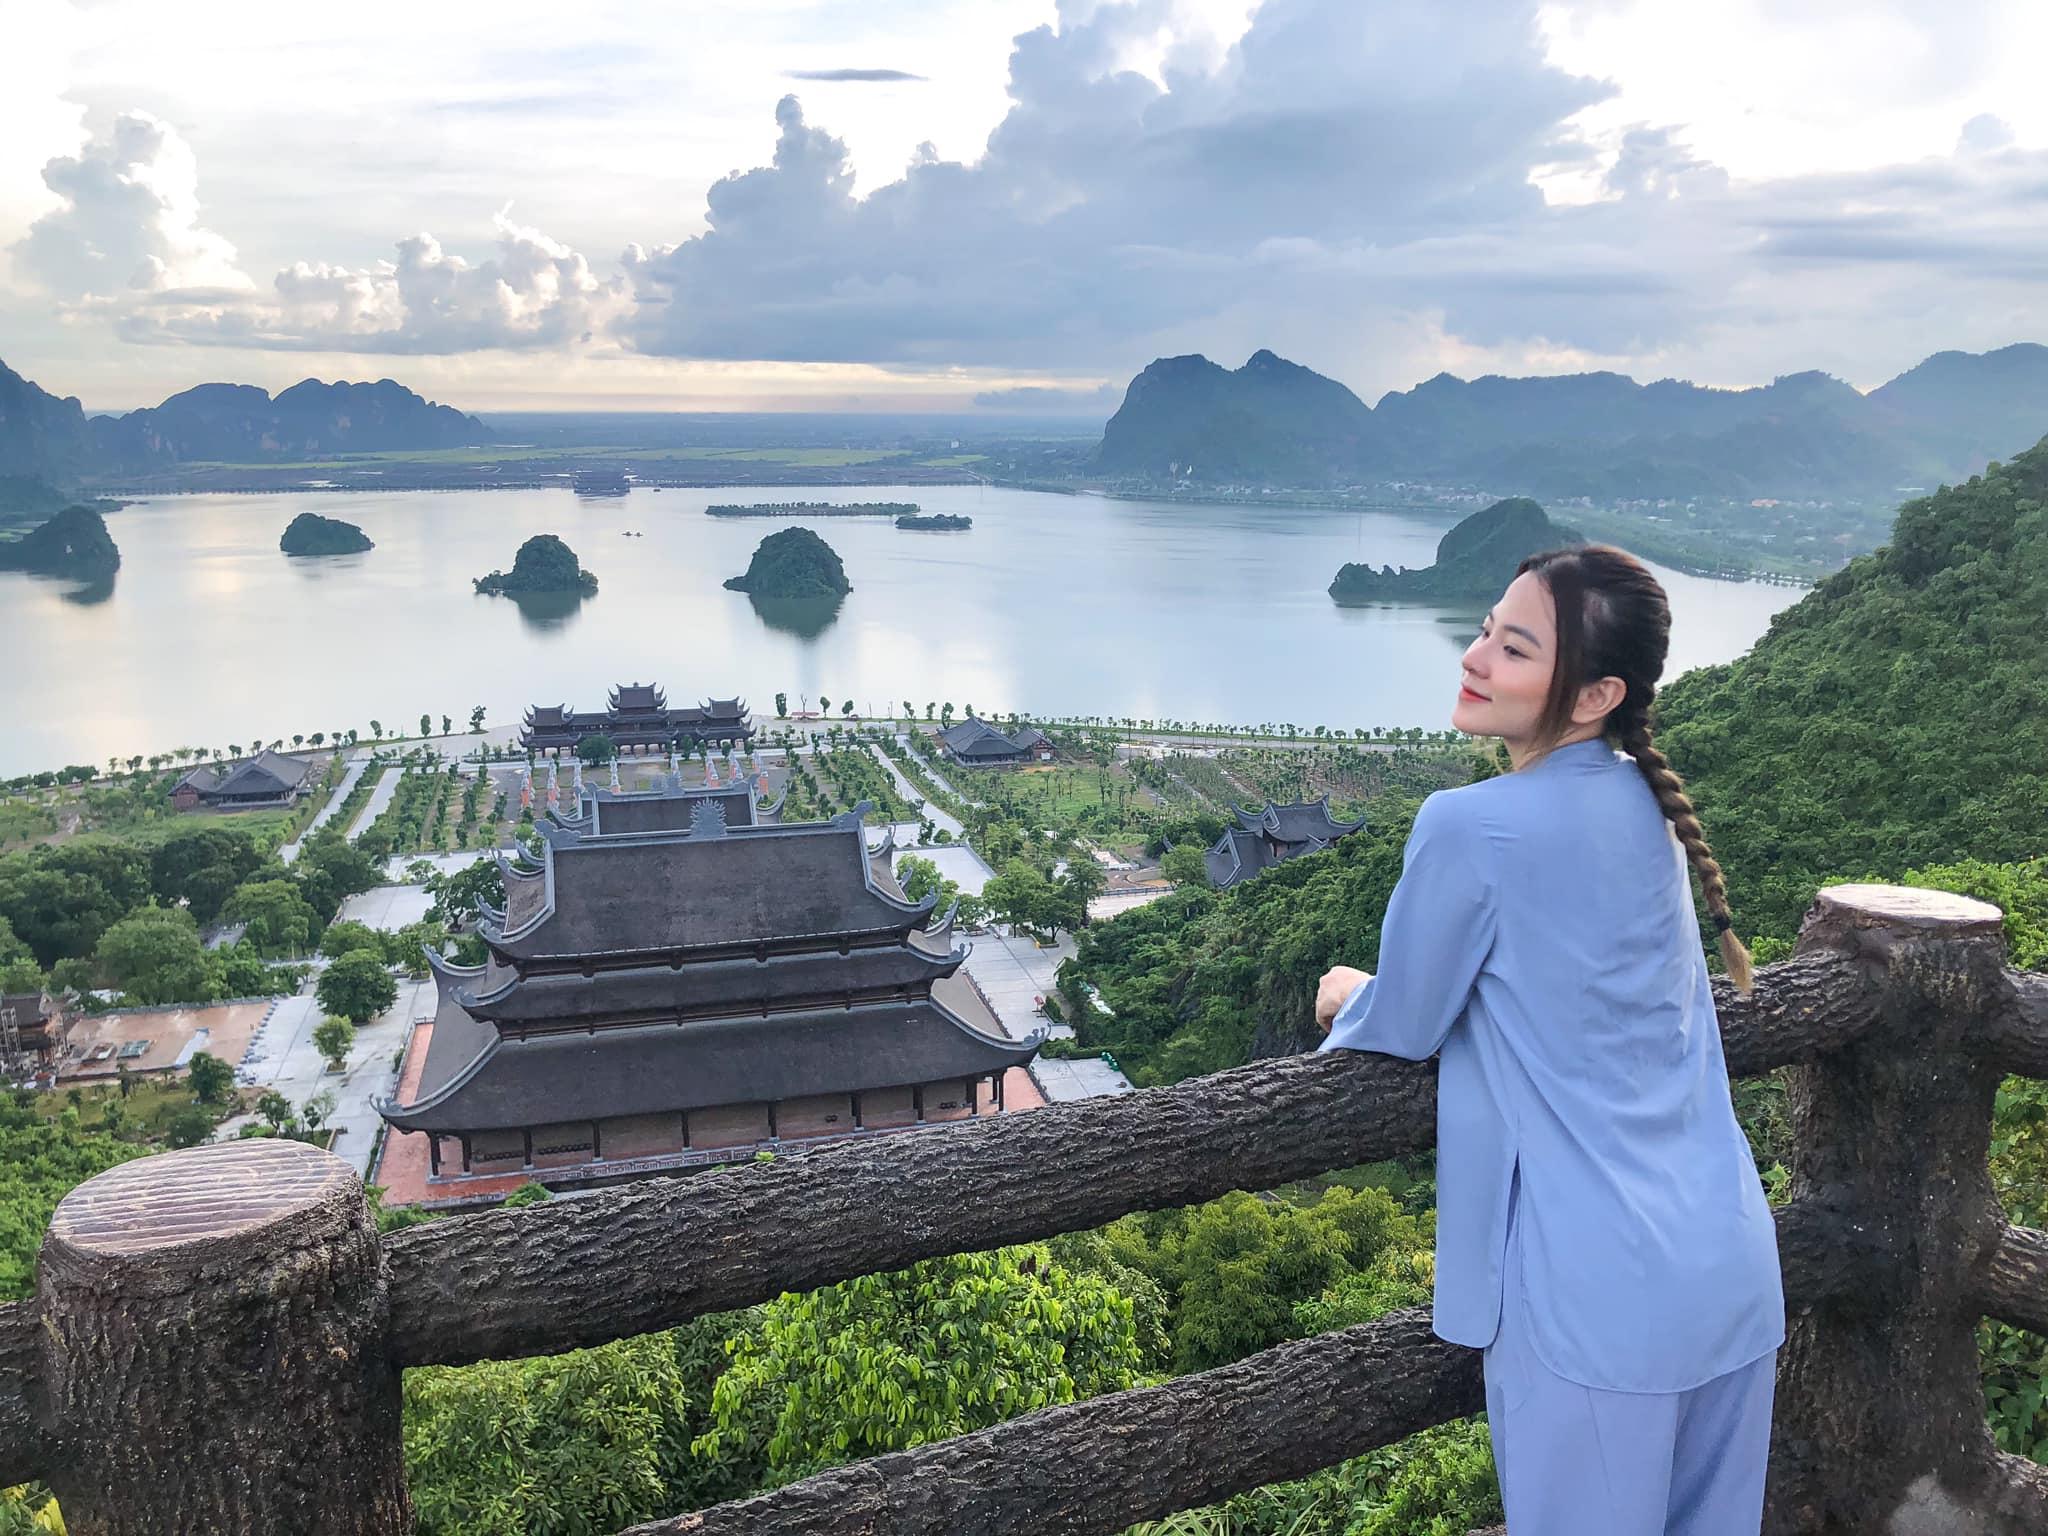 """Được ví như """"Hạ Long phiên bản trên cạn"""" nhưng quần thể Tam Chúc không chỉ có non nước sơn thủy hữu tình, muốn biết hết thì về Hà Nam nhé."""